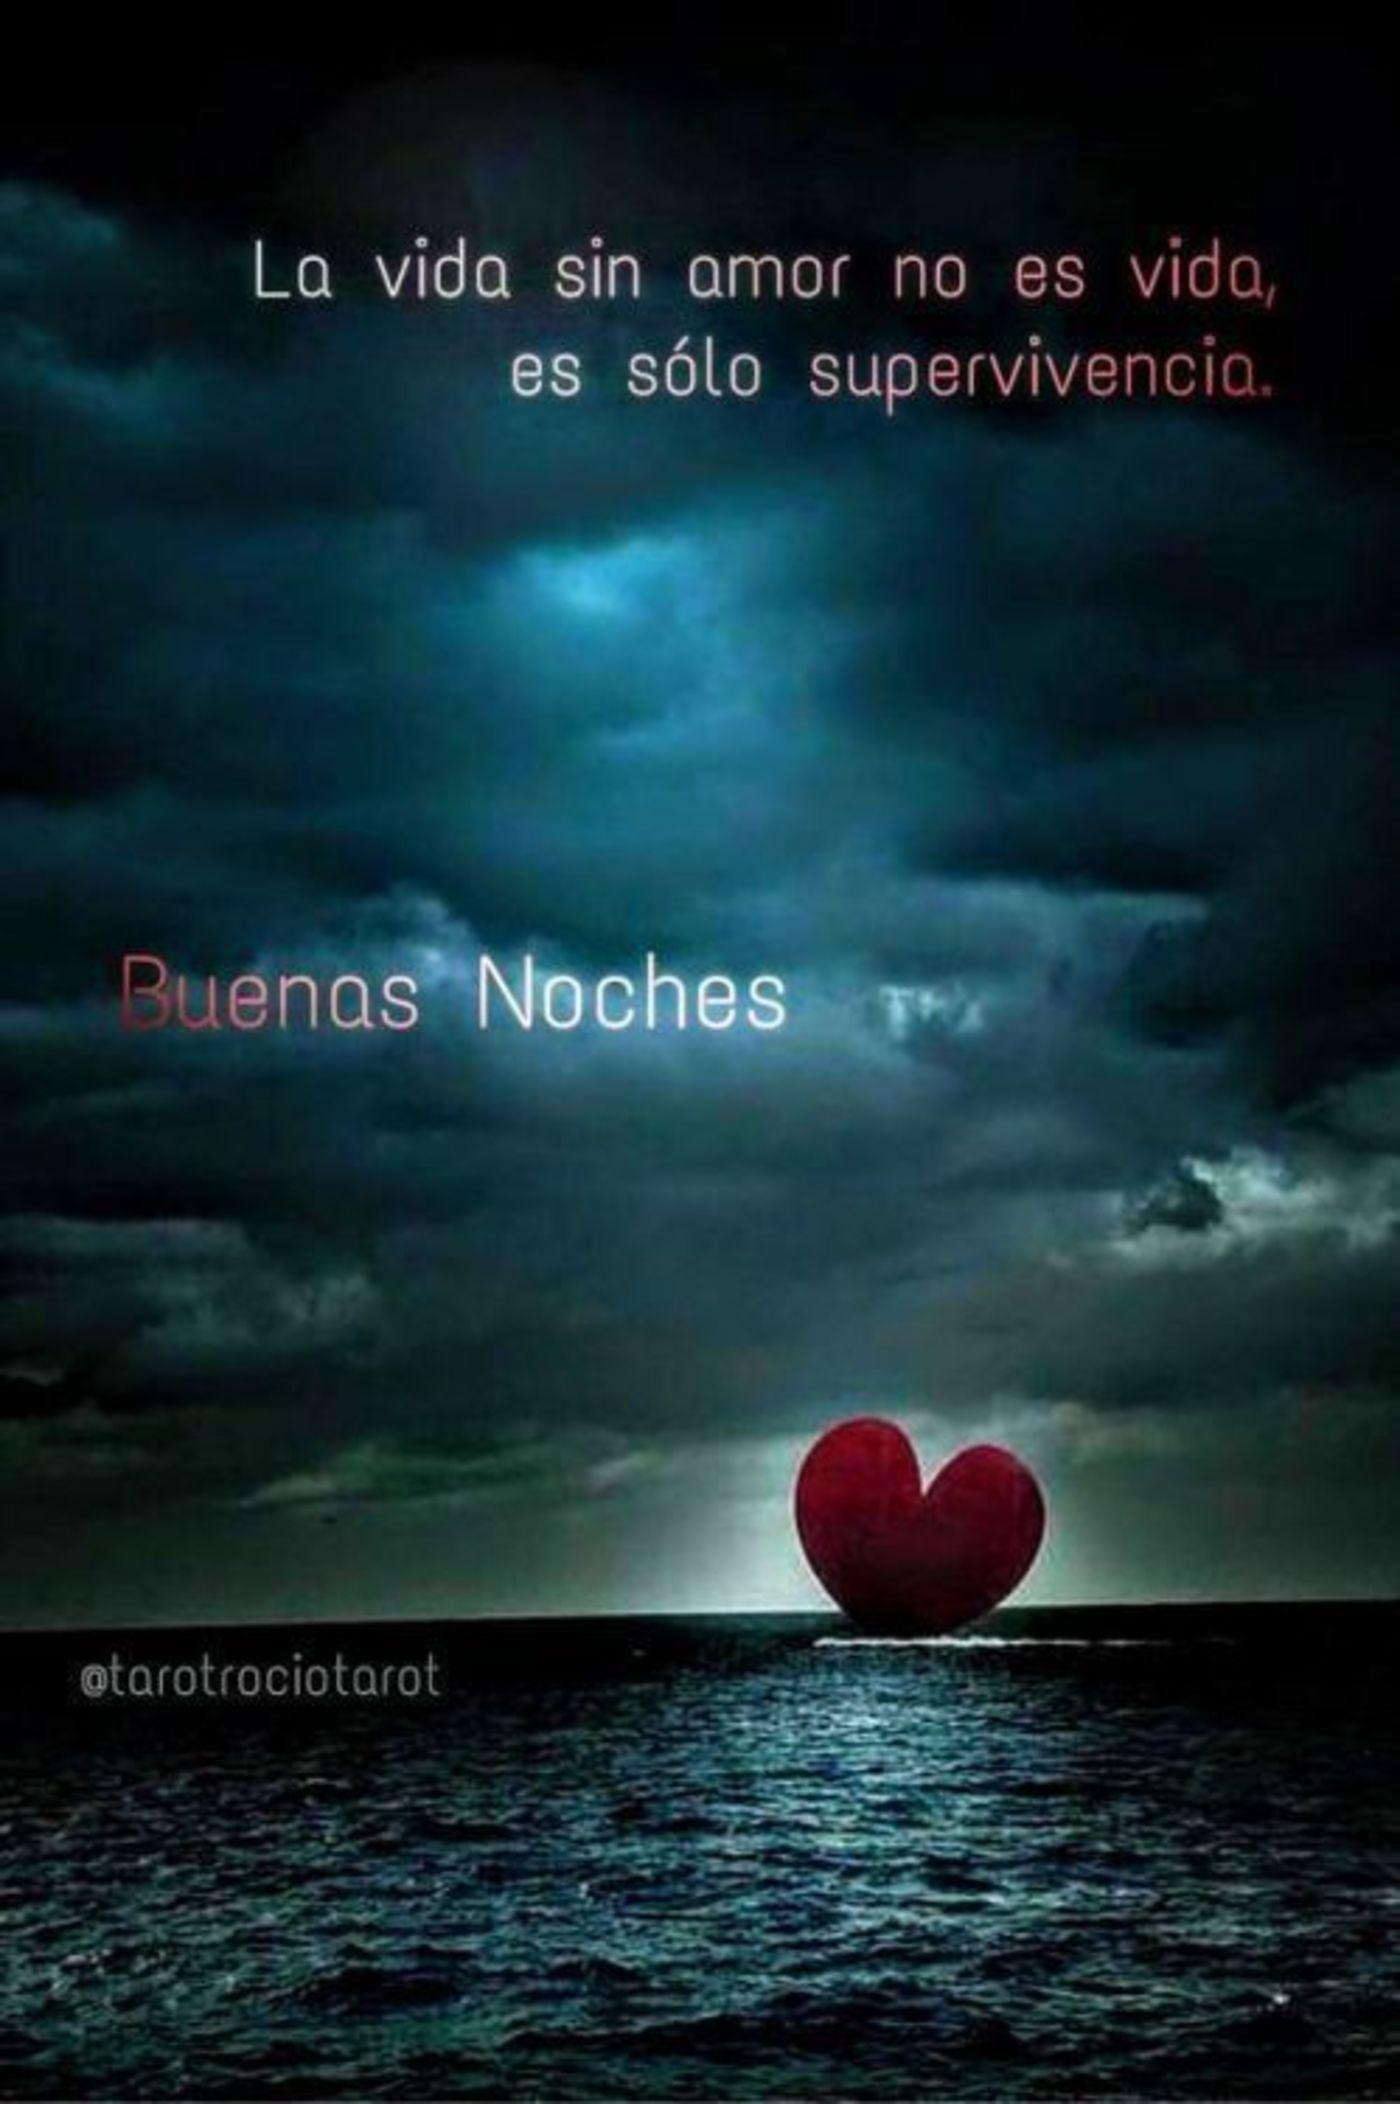 La vida sin amor no es vida, es sólo supervivencia. Buenas noches